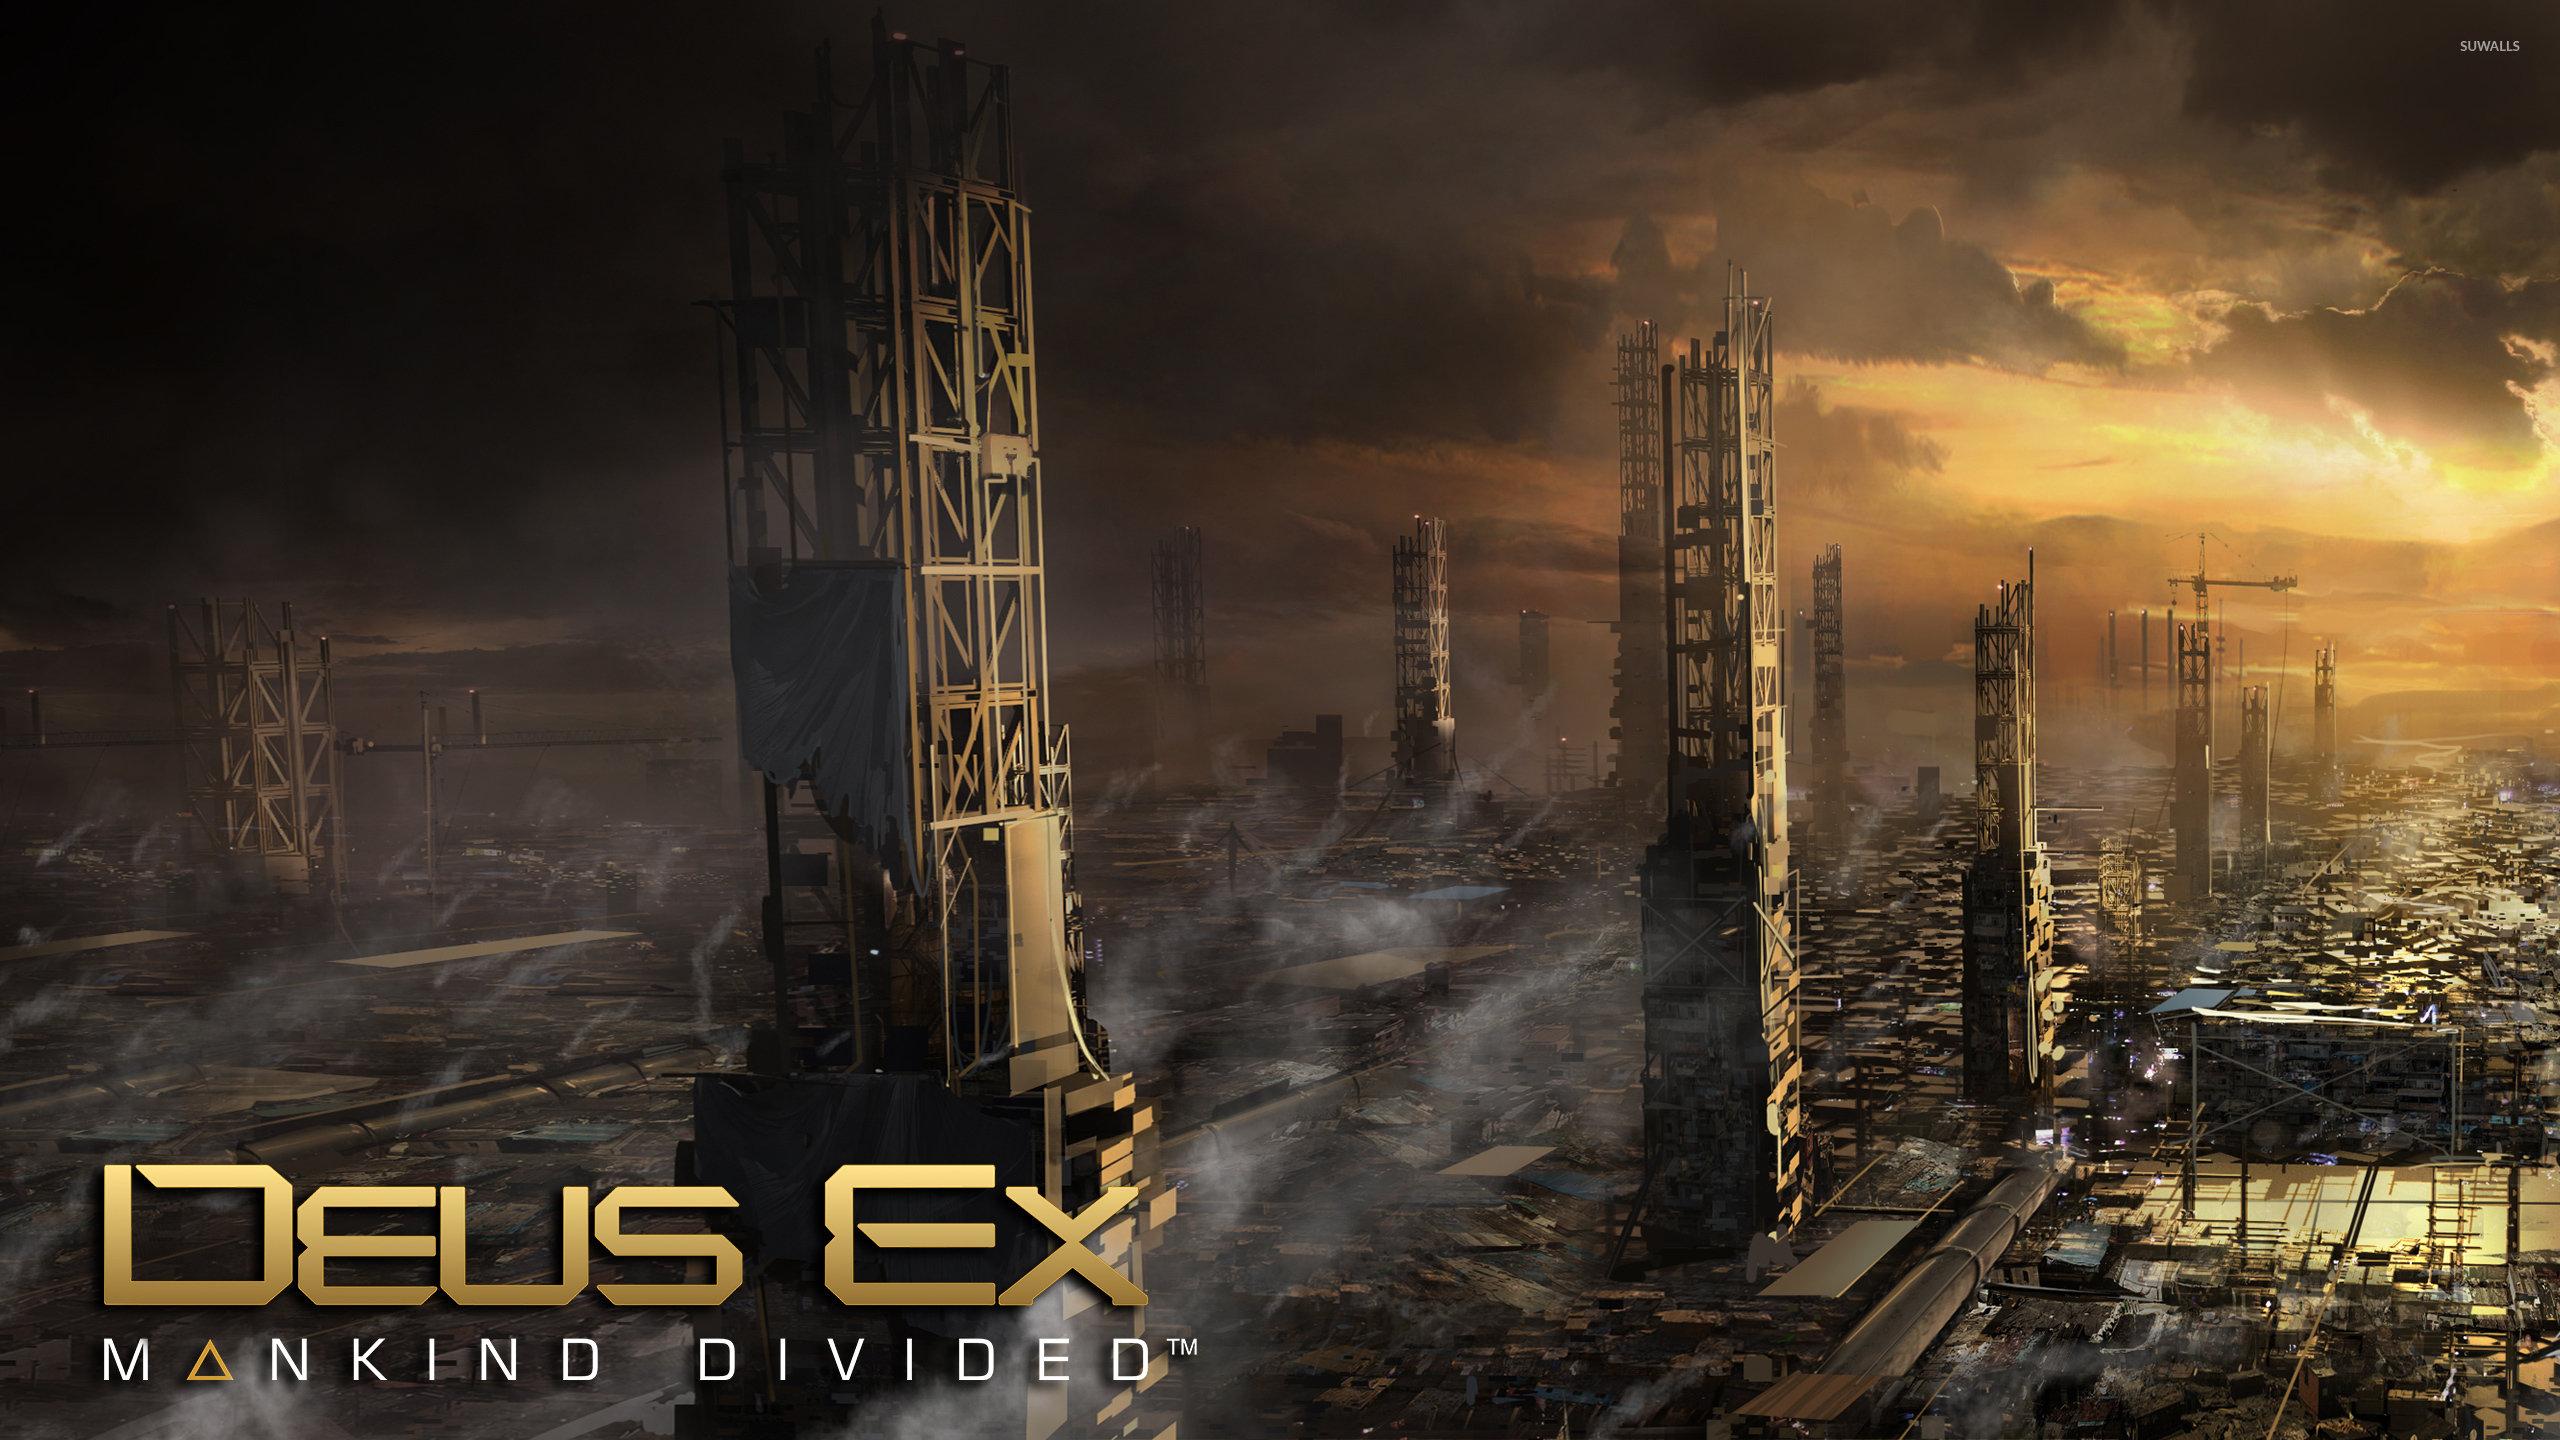 Deus Ex Mankind Divided Wallpaper: Deus Ex: Mankind Divided Wallpapers 2560x1440 Desktop